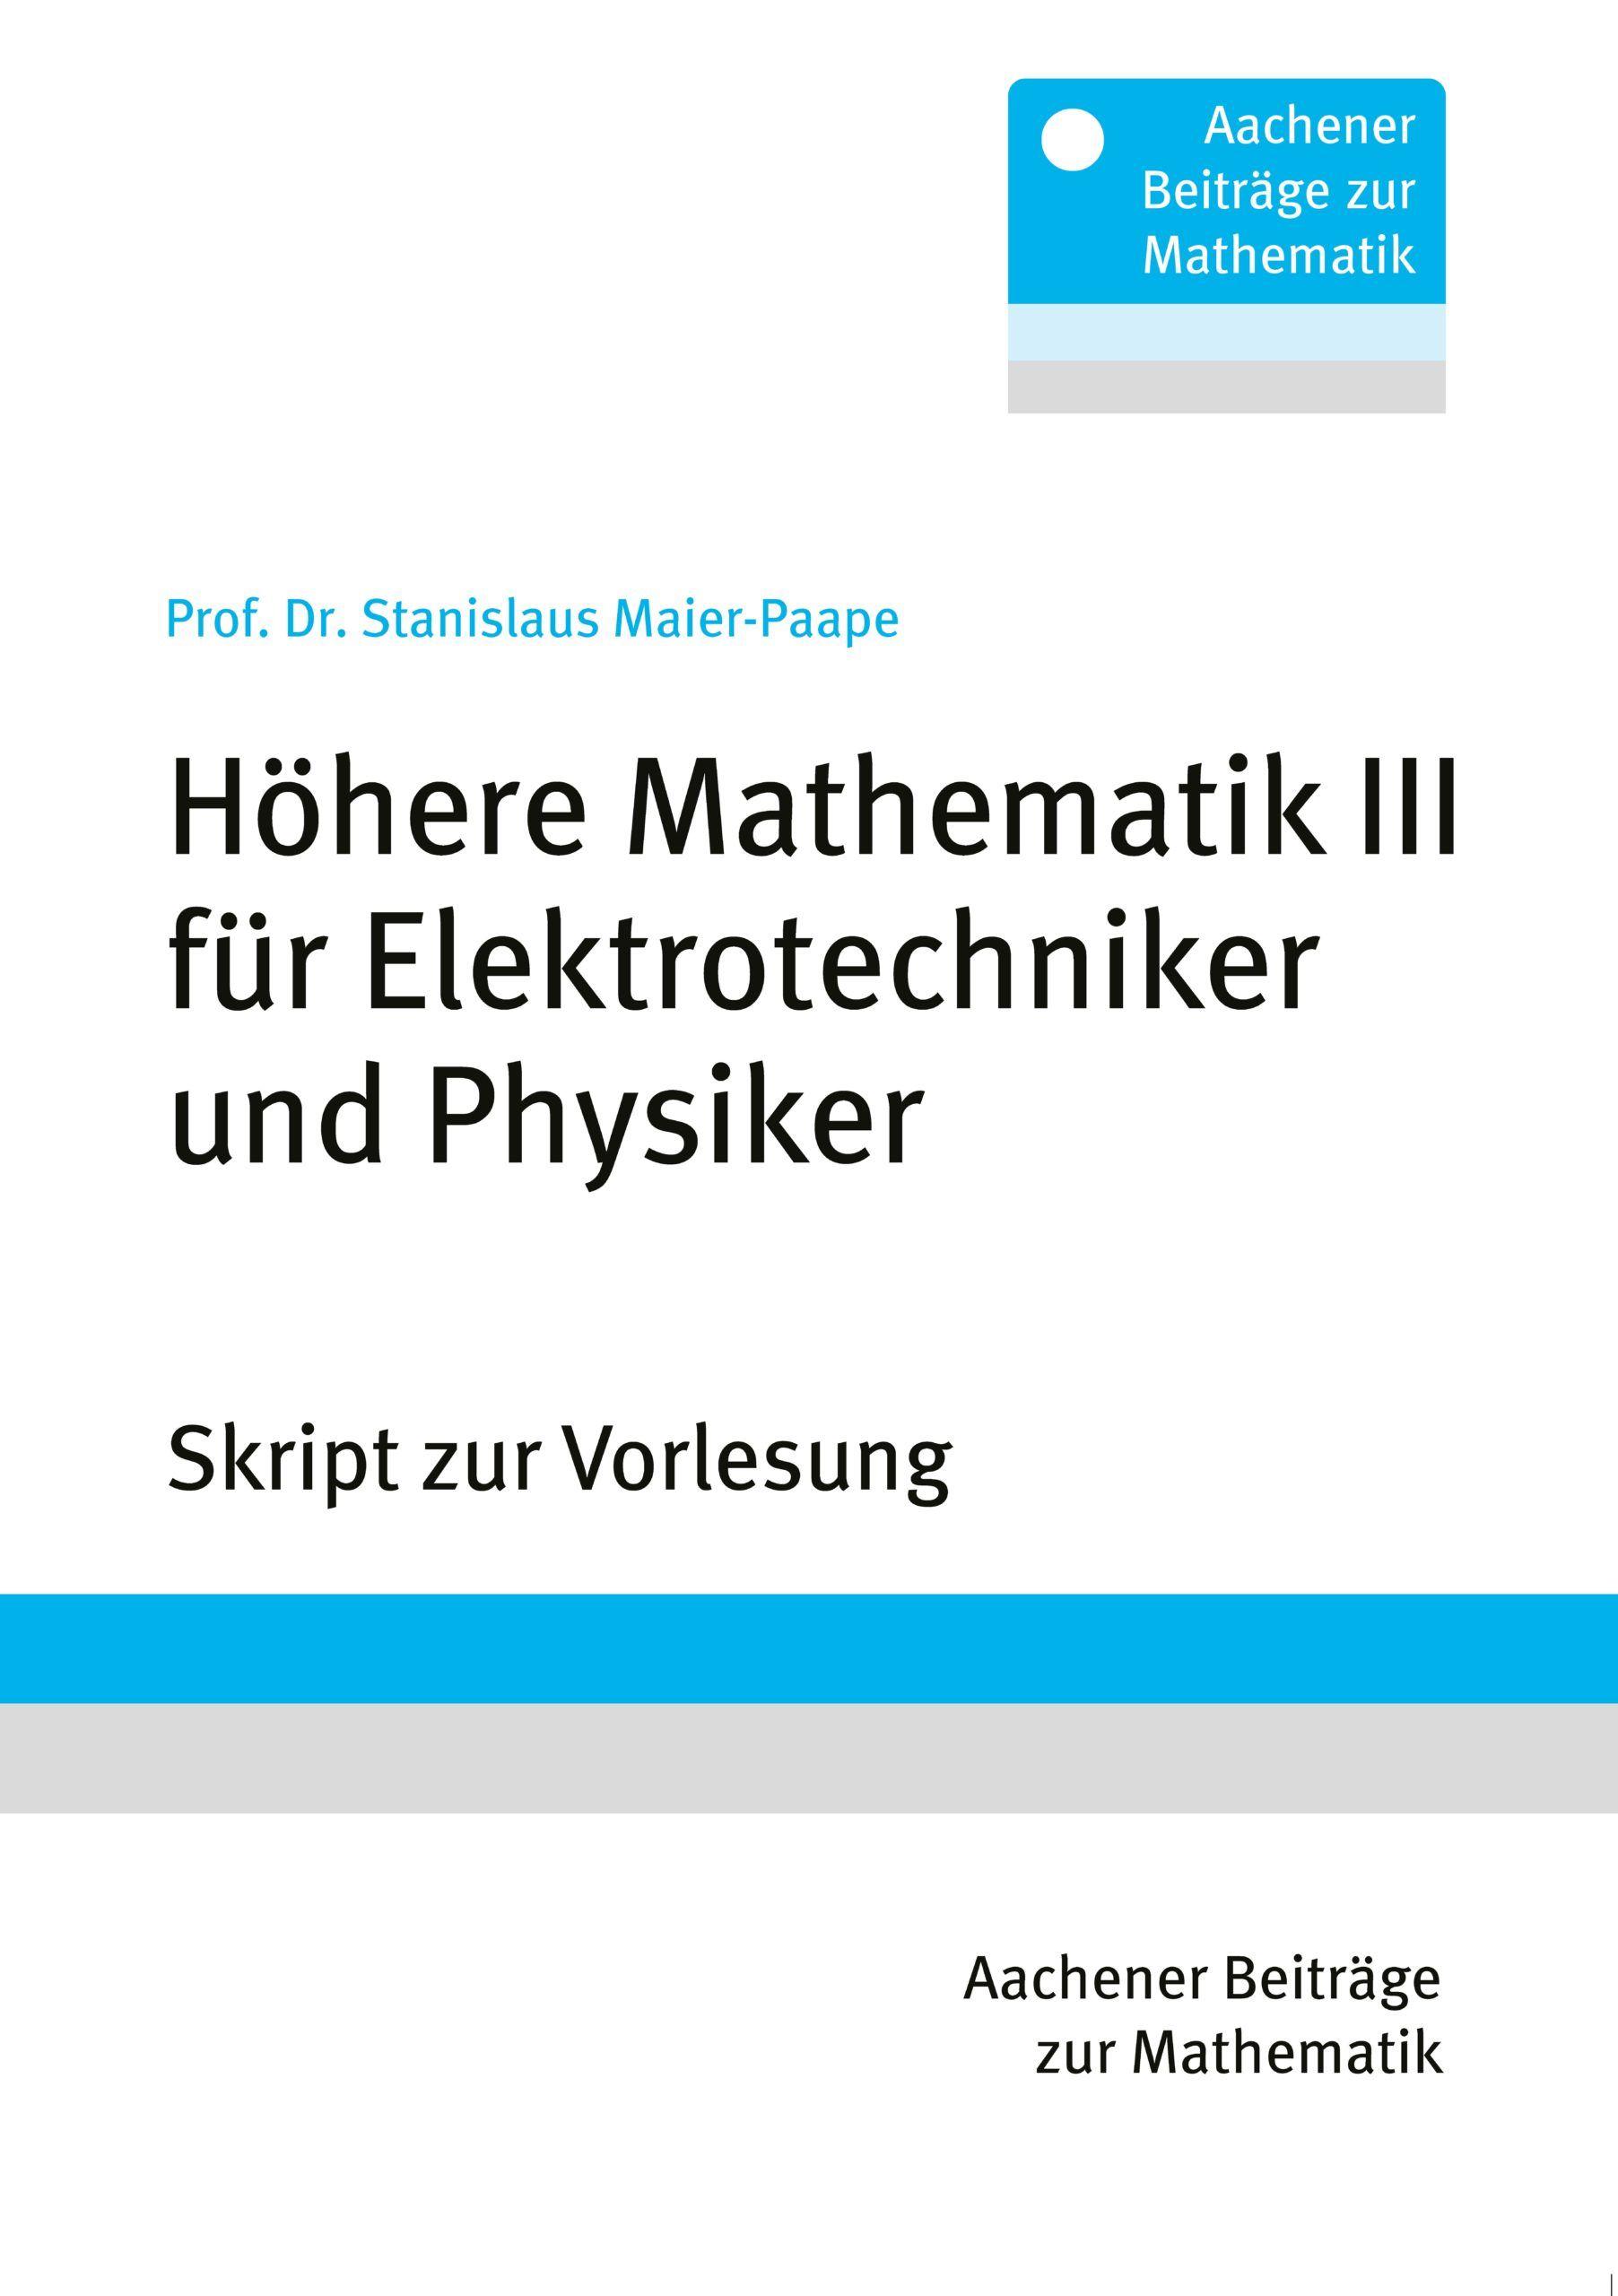 Höhere Mathematik III für Elektrotechniker und Physiker